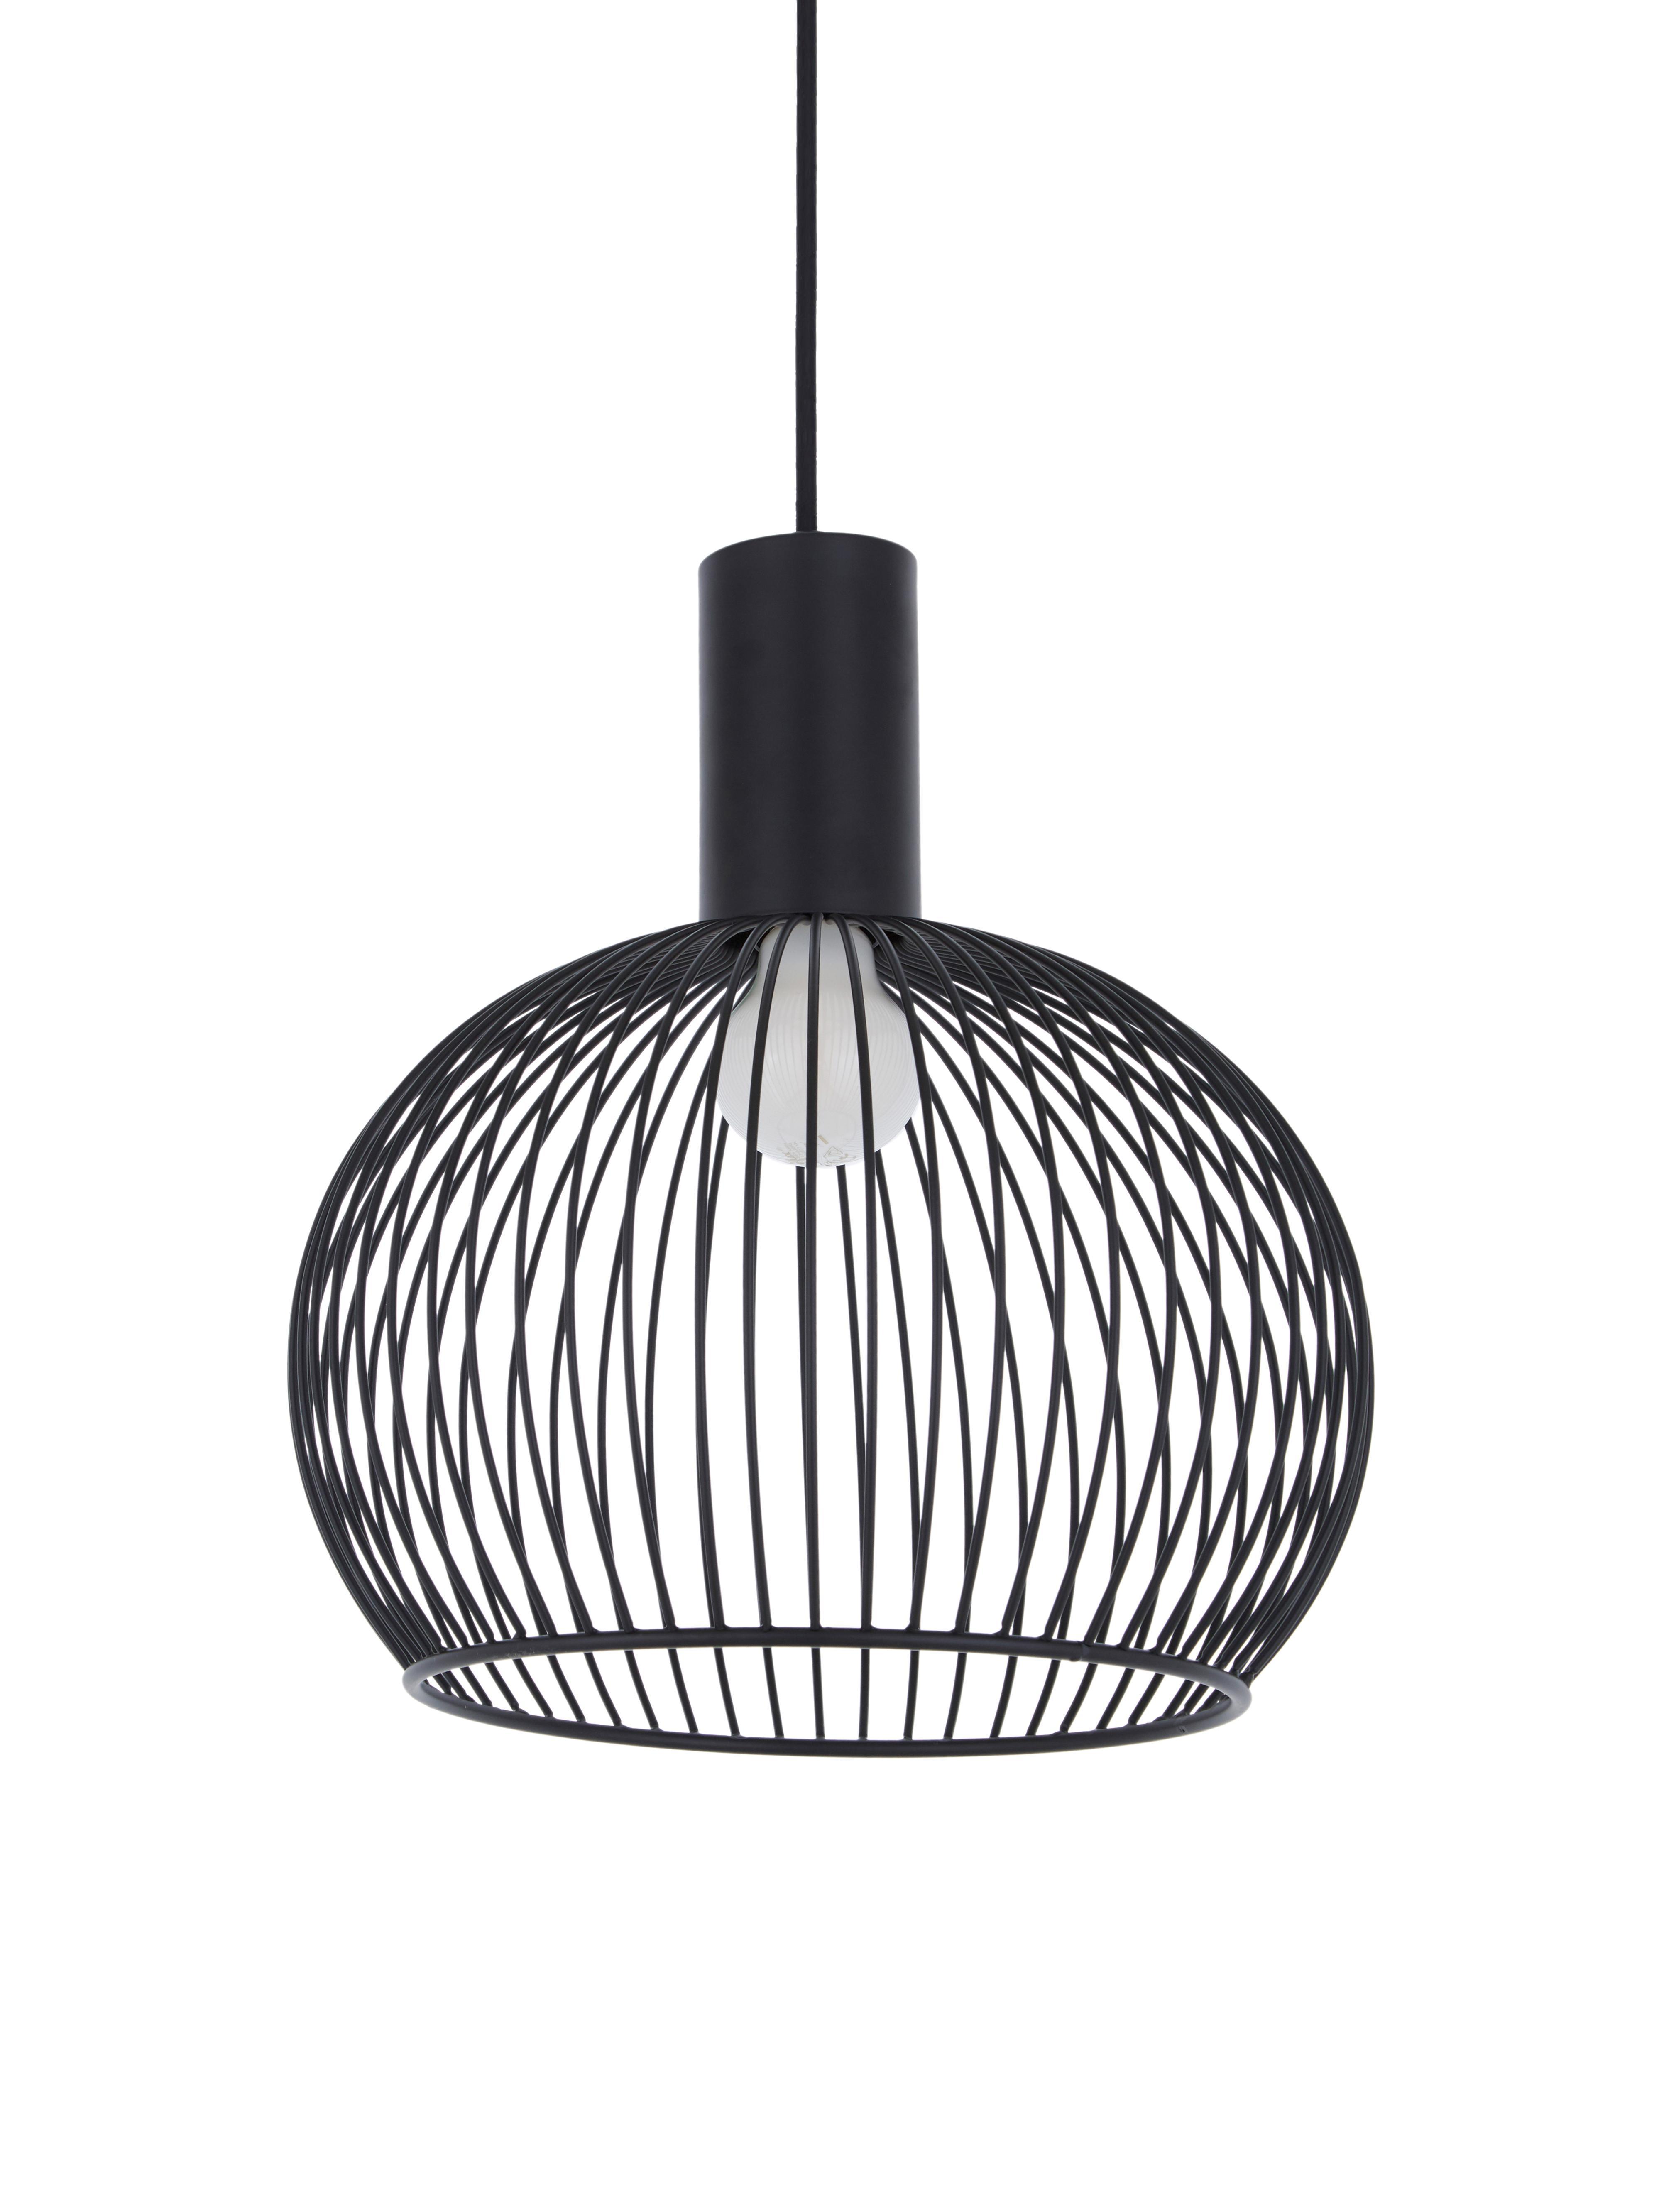 Design Pendelleuchte Aver, Lampenschirm: Stahl, lackiert, Baldachin: Kunststoff, Schwarz, Ø 30 x H 35 cm